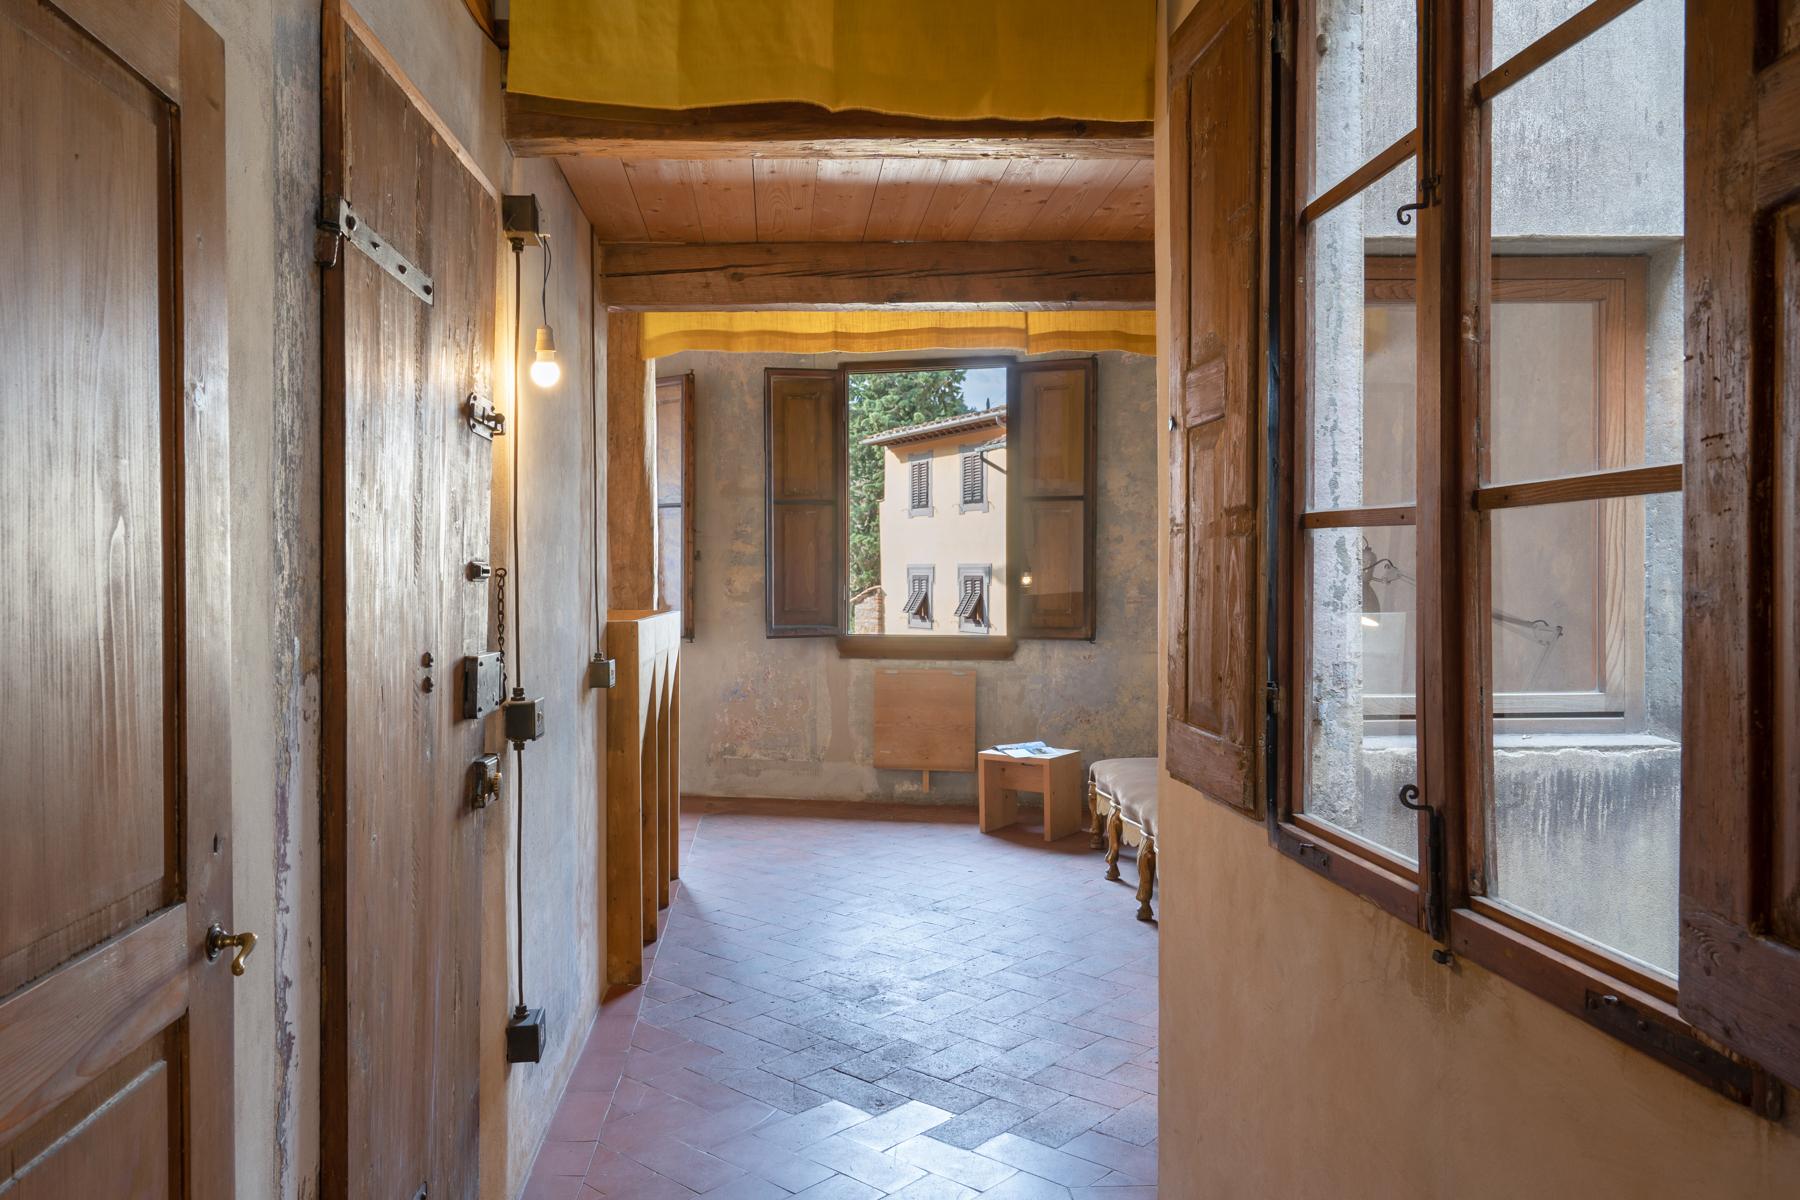 Appartamento in Vendita a Firenze: 4 locali, 120 mq - Foto 7